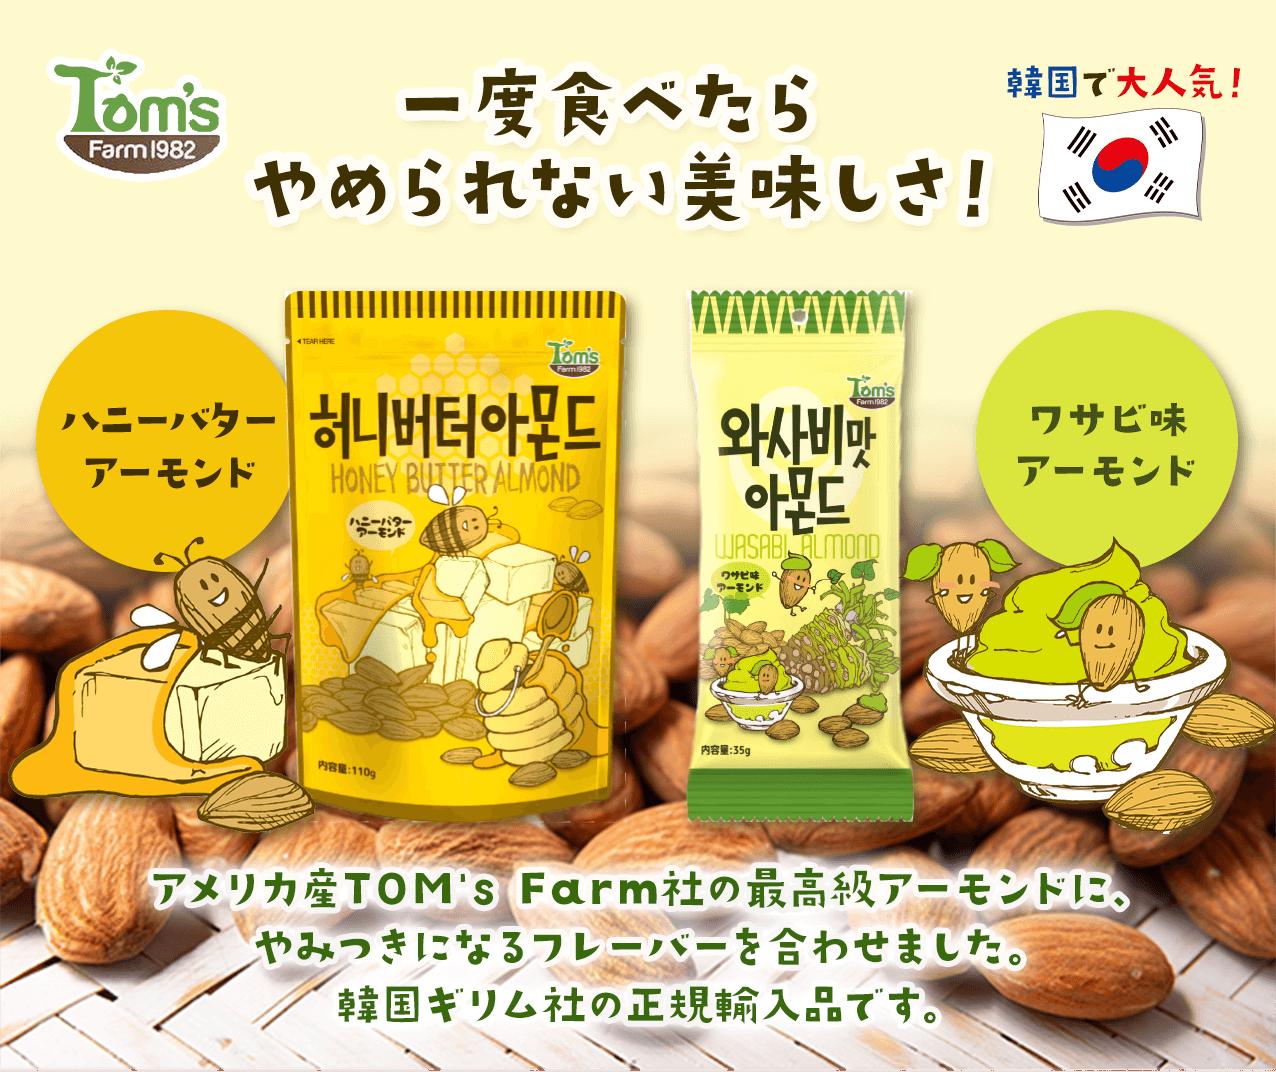 一度食べたら  やめられない美味しさ!ハニーバターアーモンド  ワサビ味アーモンド アメリカ産TOM's Farm社の最高級アーモンドに、 やみつきになるフレーバーを合わせました。 韓国ギリム社の正規輸入品です。